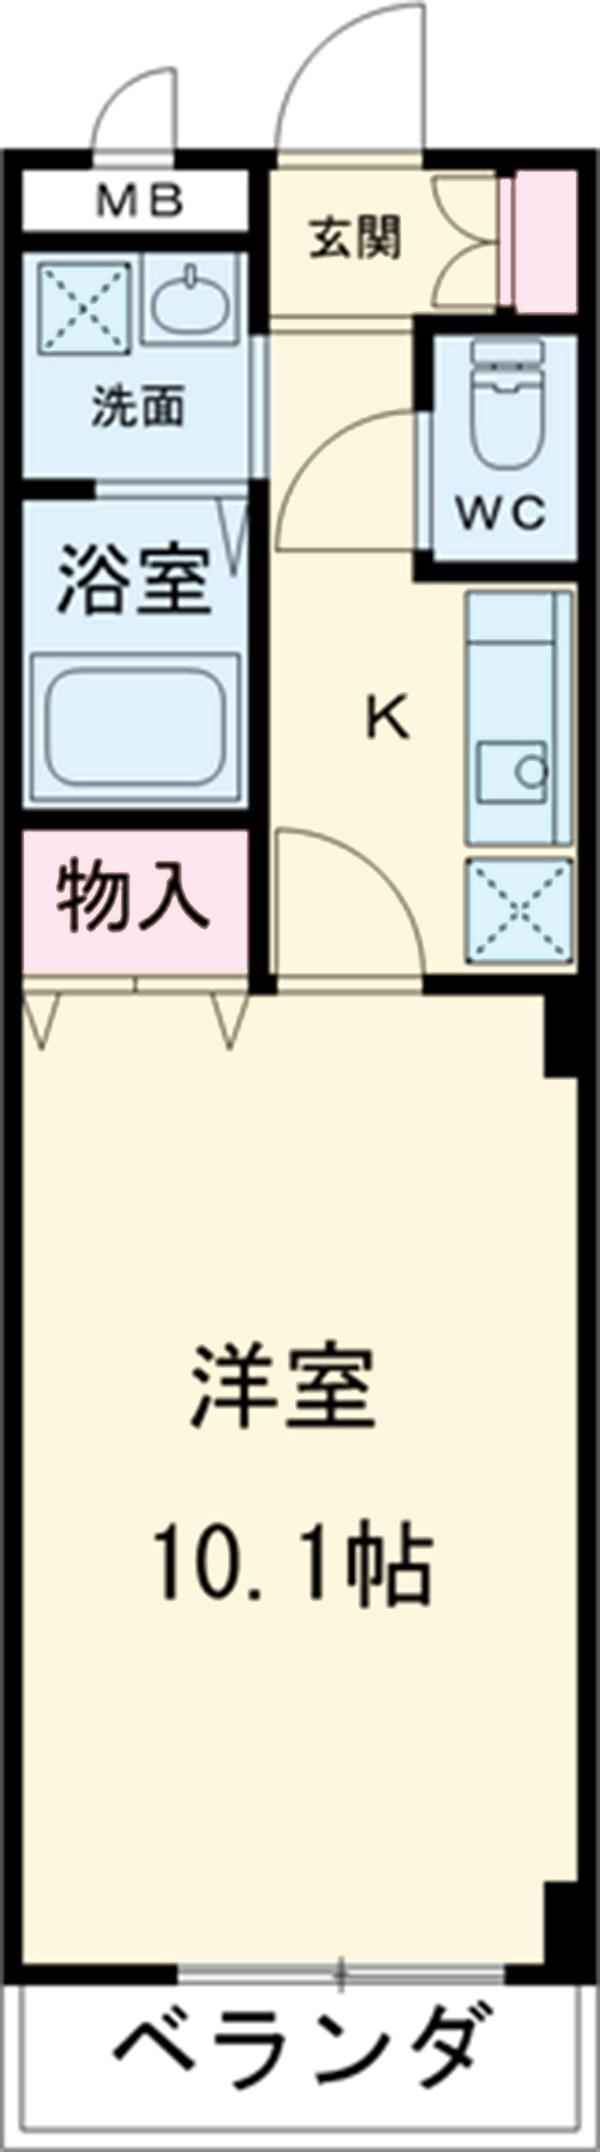 本州ビルⅡ・208号室の間取り